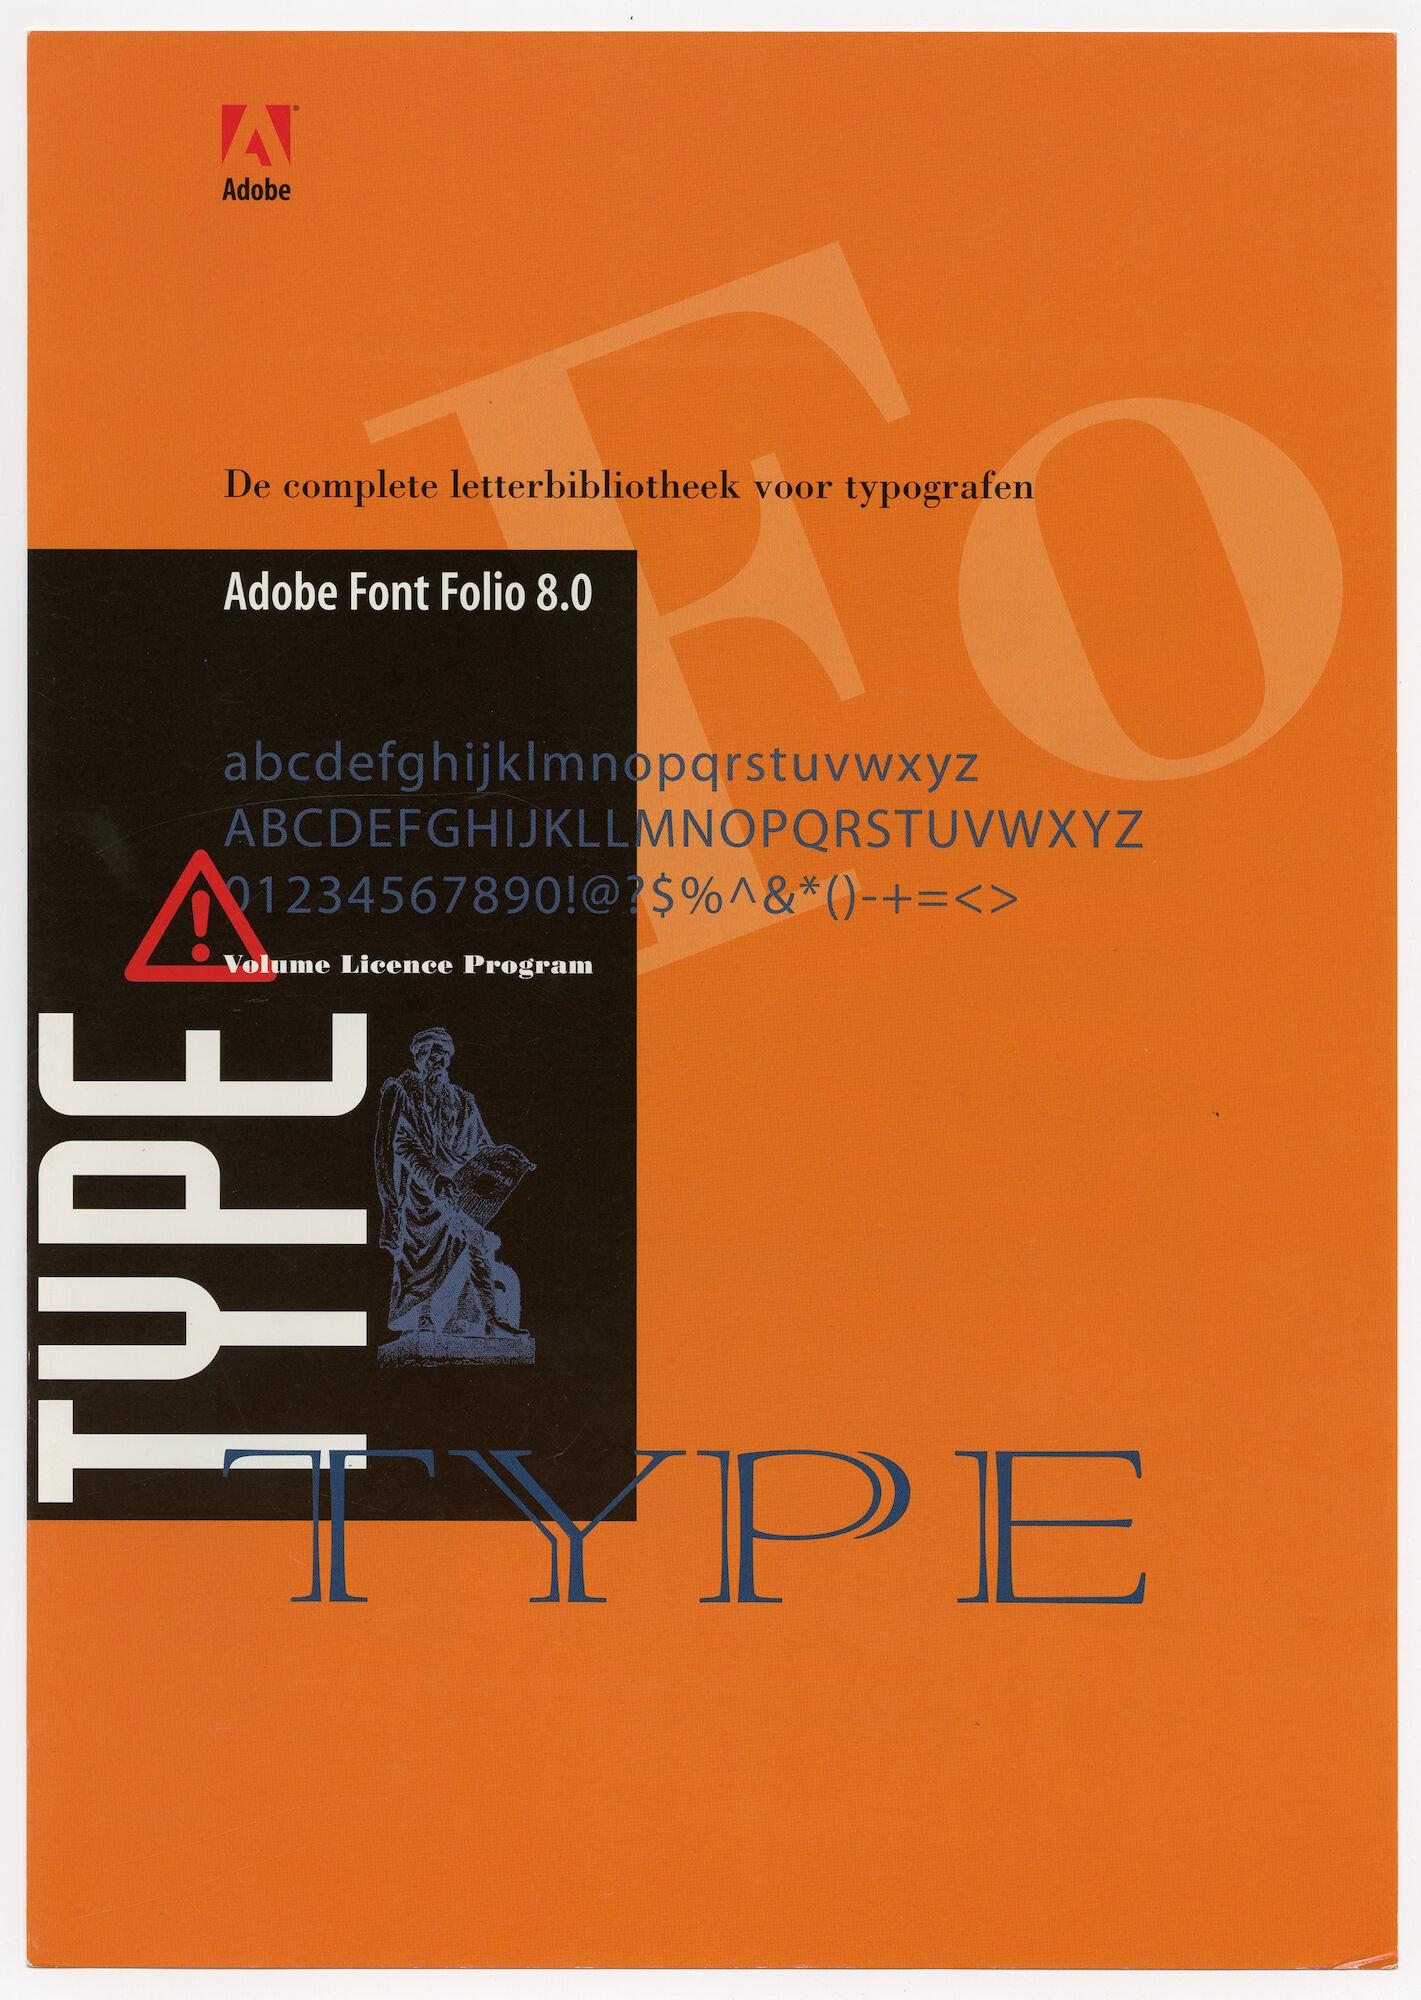 Reclamefolder voor Adobe Font Folio 8.0